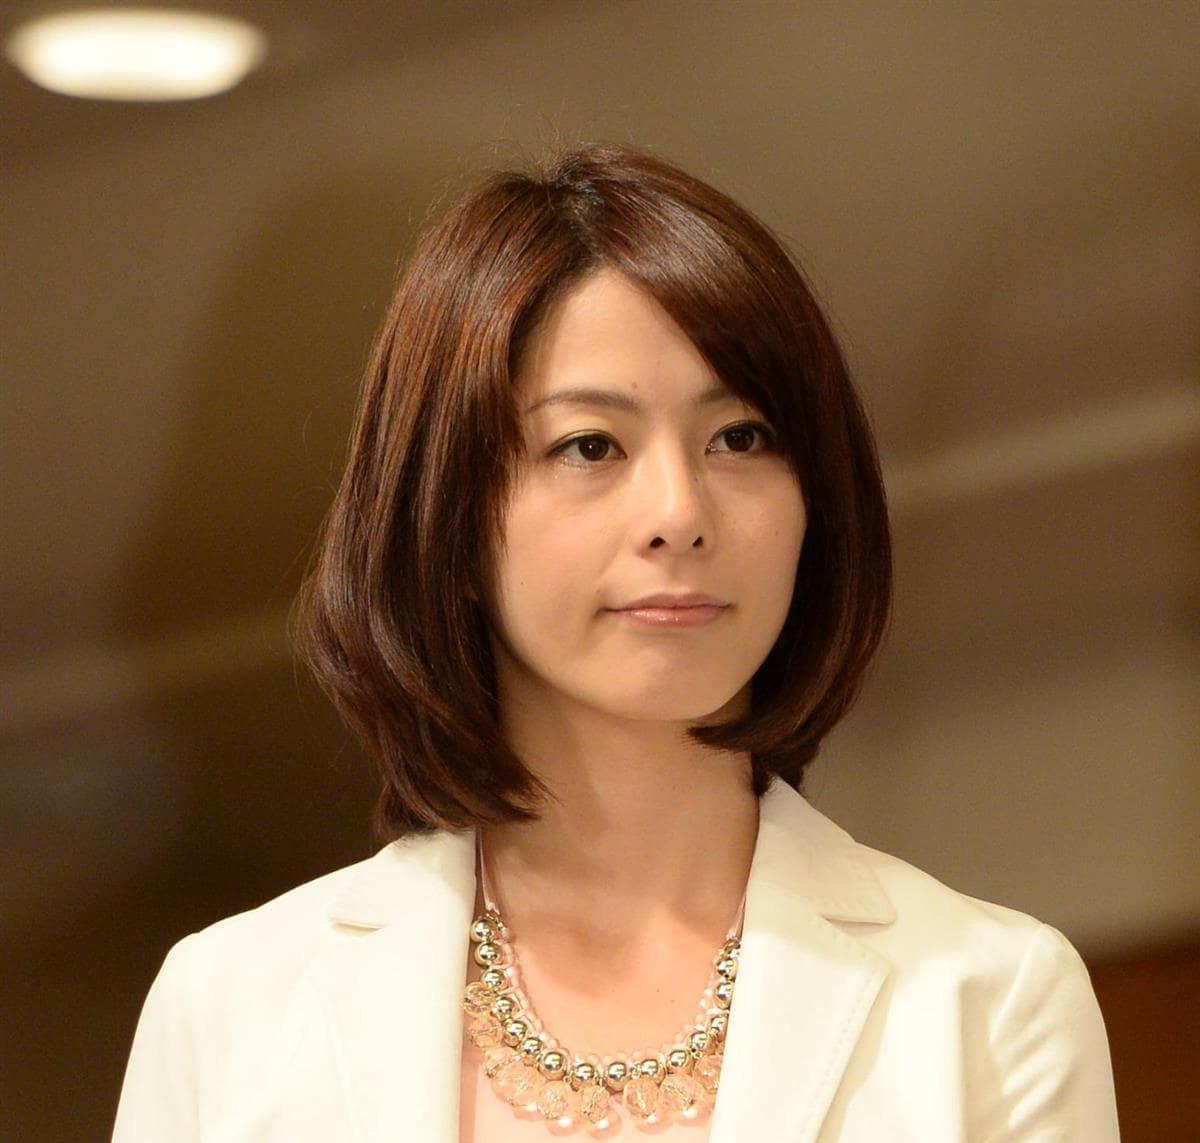 NHKのかわいい女子アナ・杉浦友紀